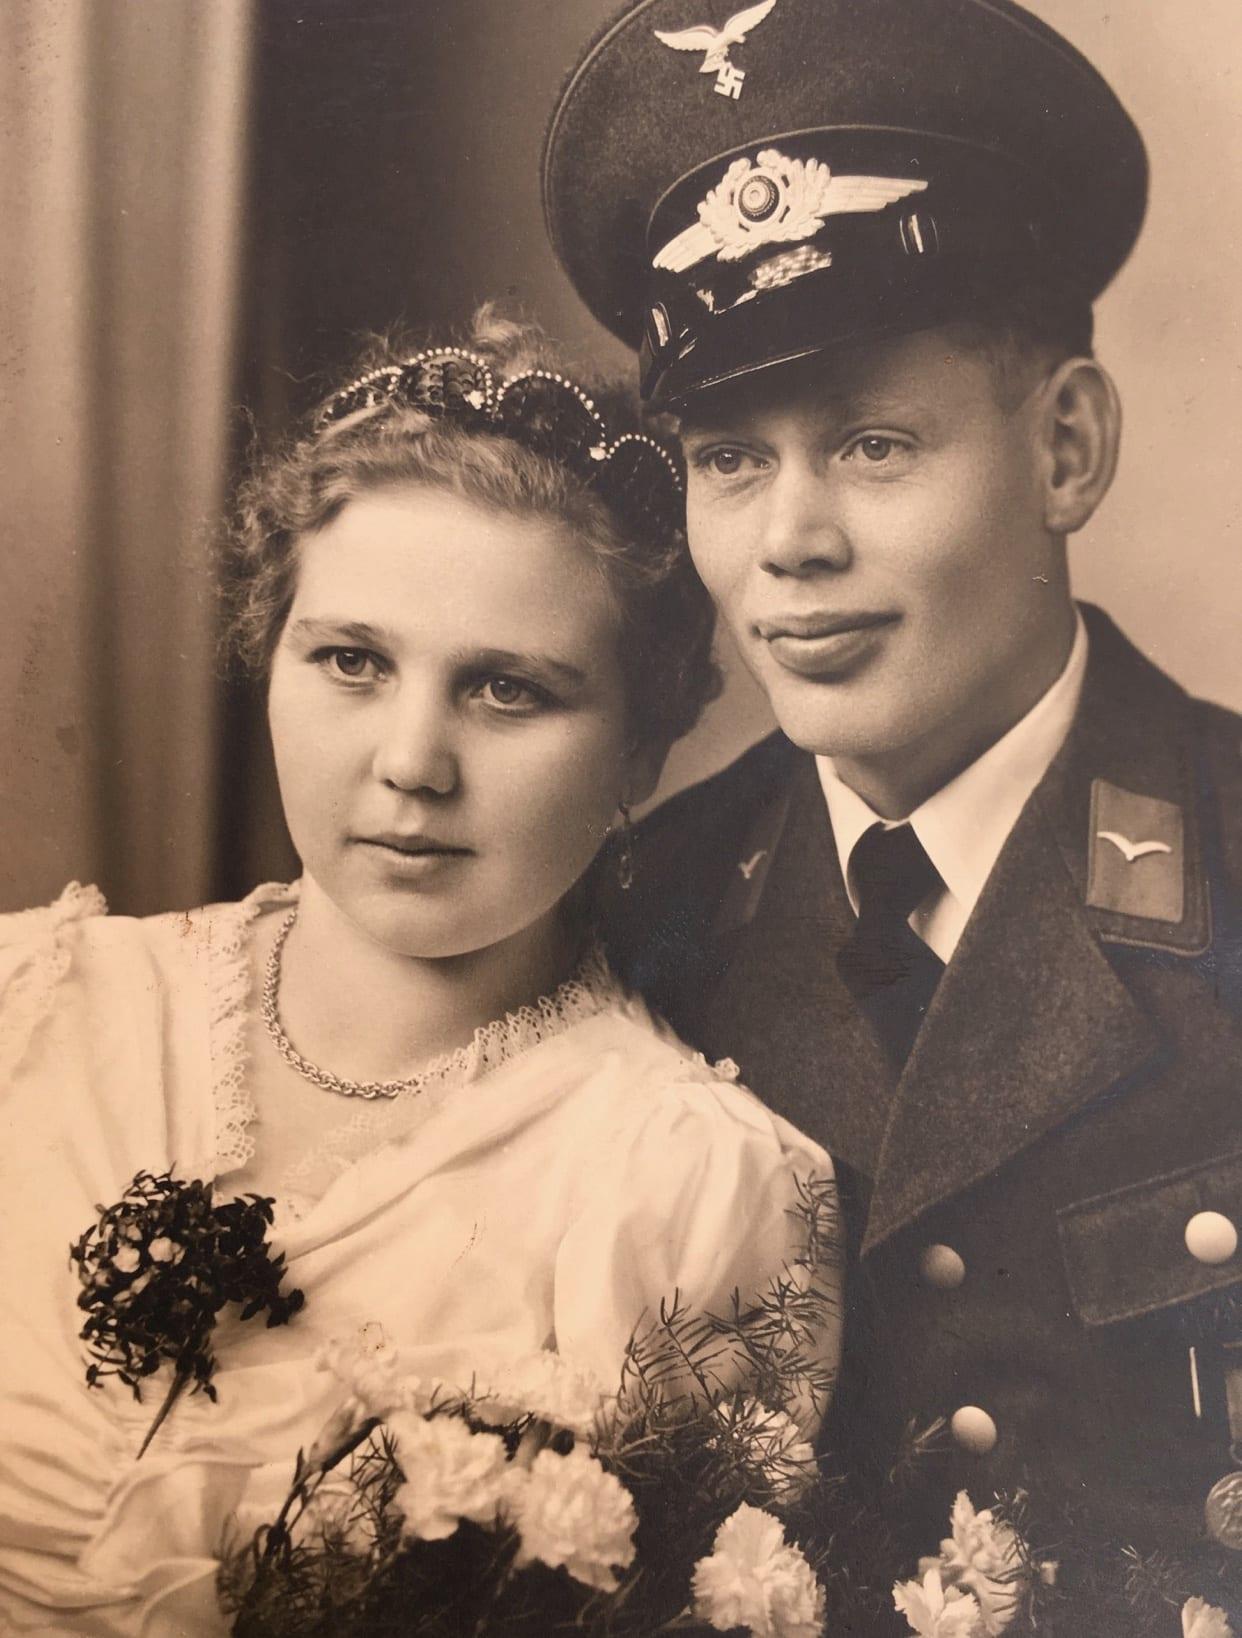 Grand-grandmom's parachute dress, 1939